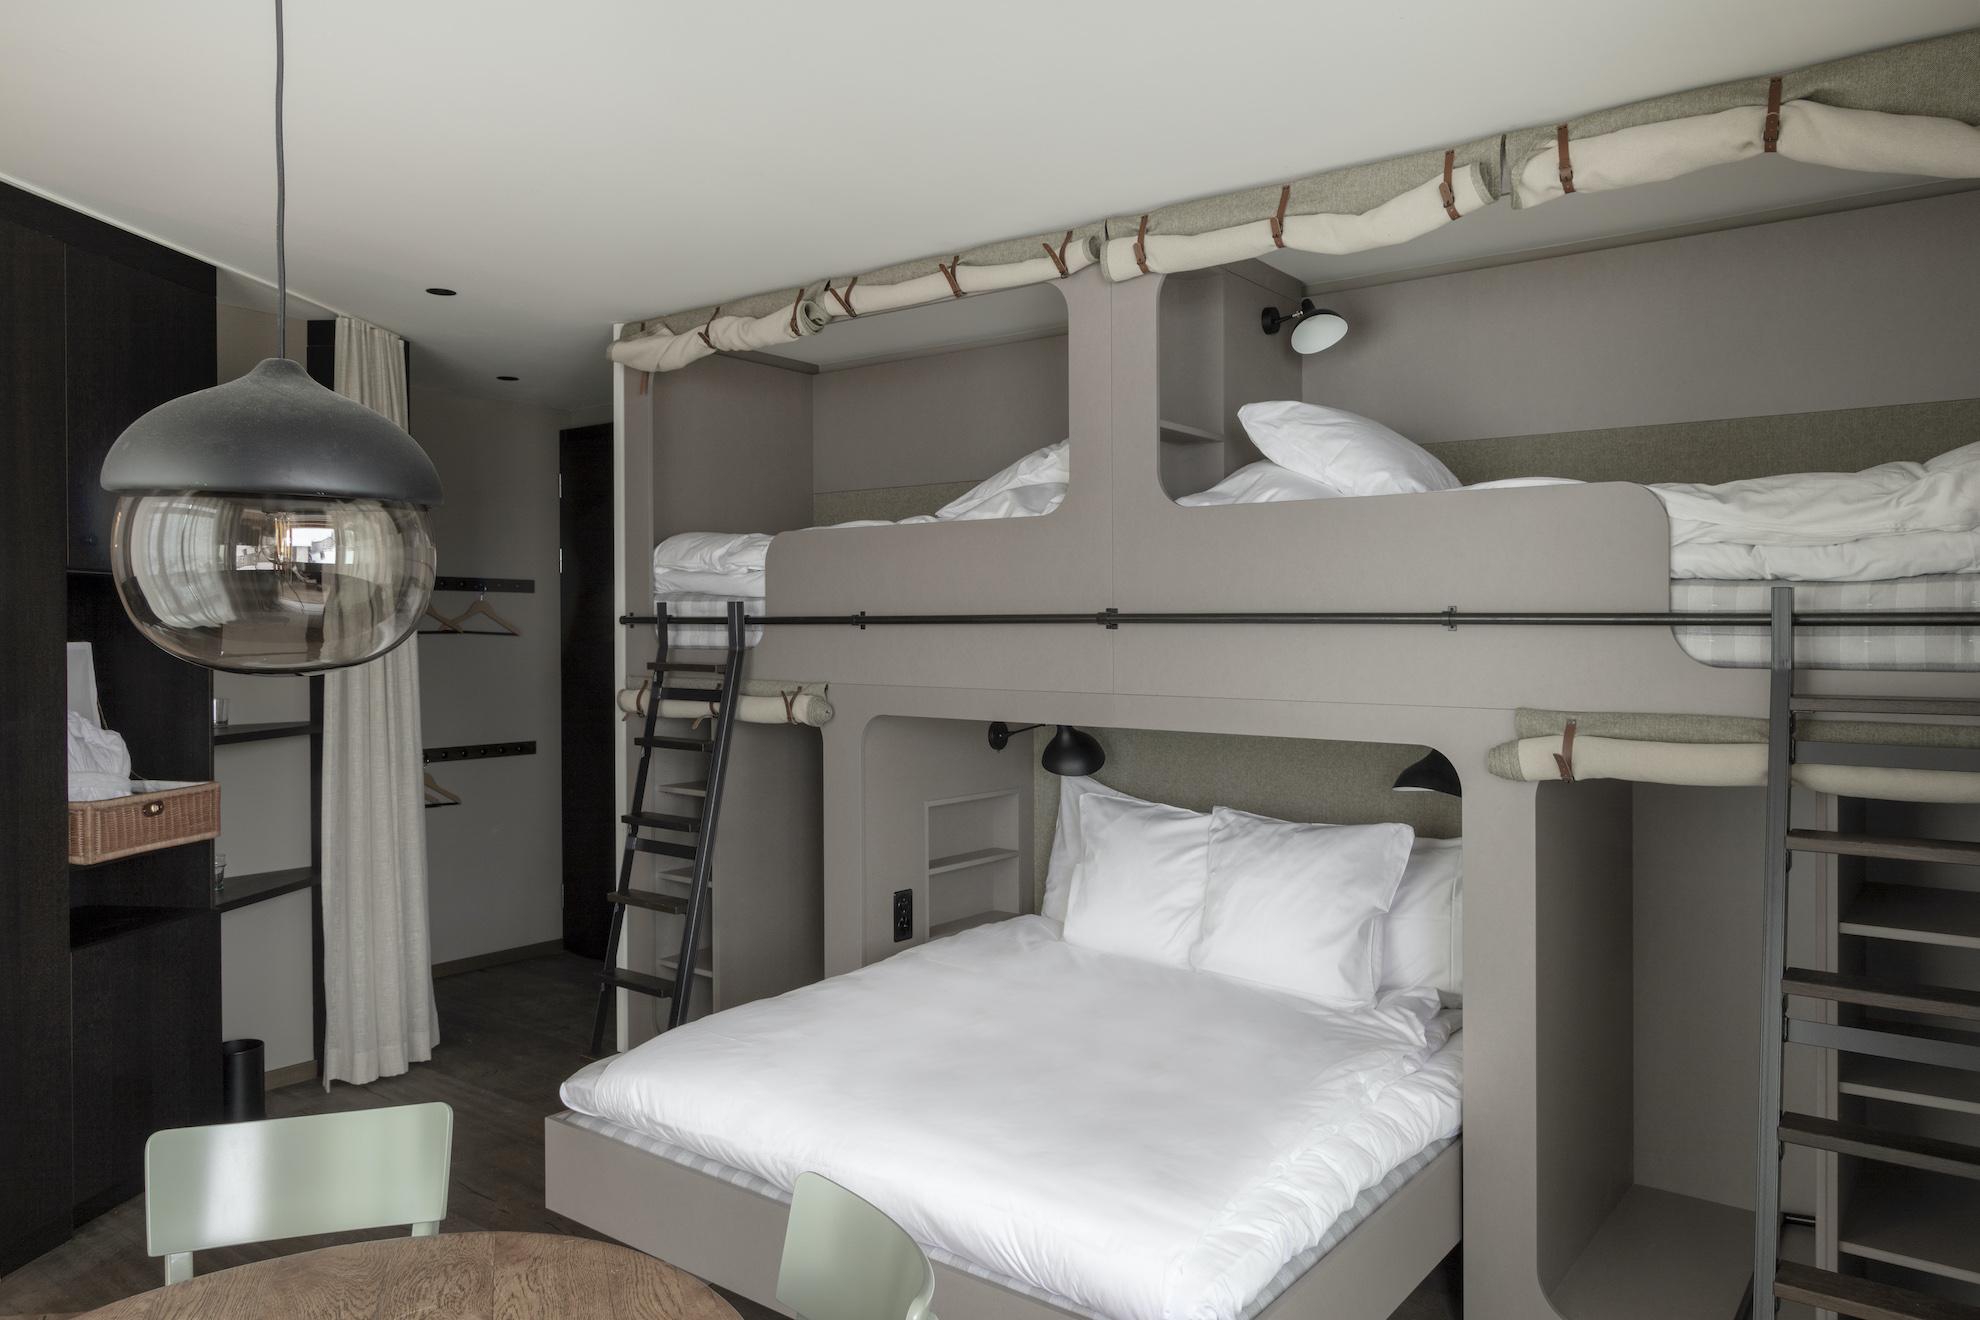 Zimmer mit Kingsize- und Etagenbetten